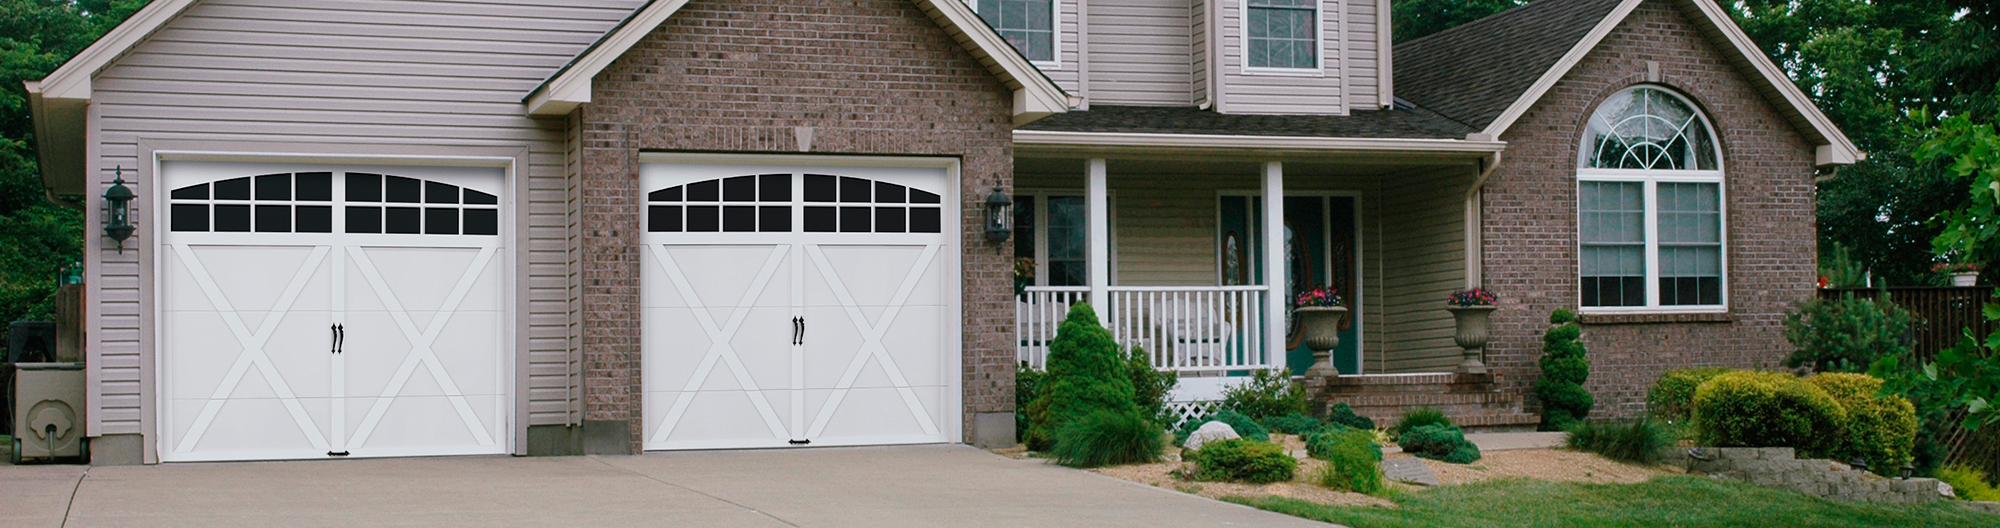 Garage Door Openers Residential And Commercial